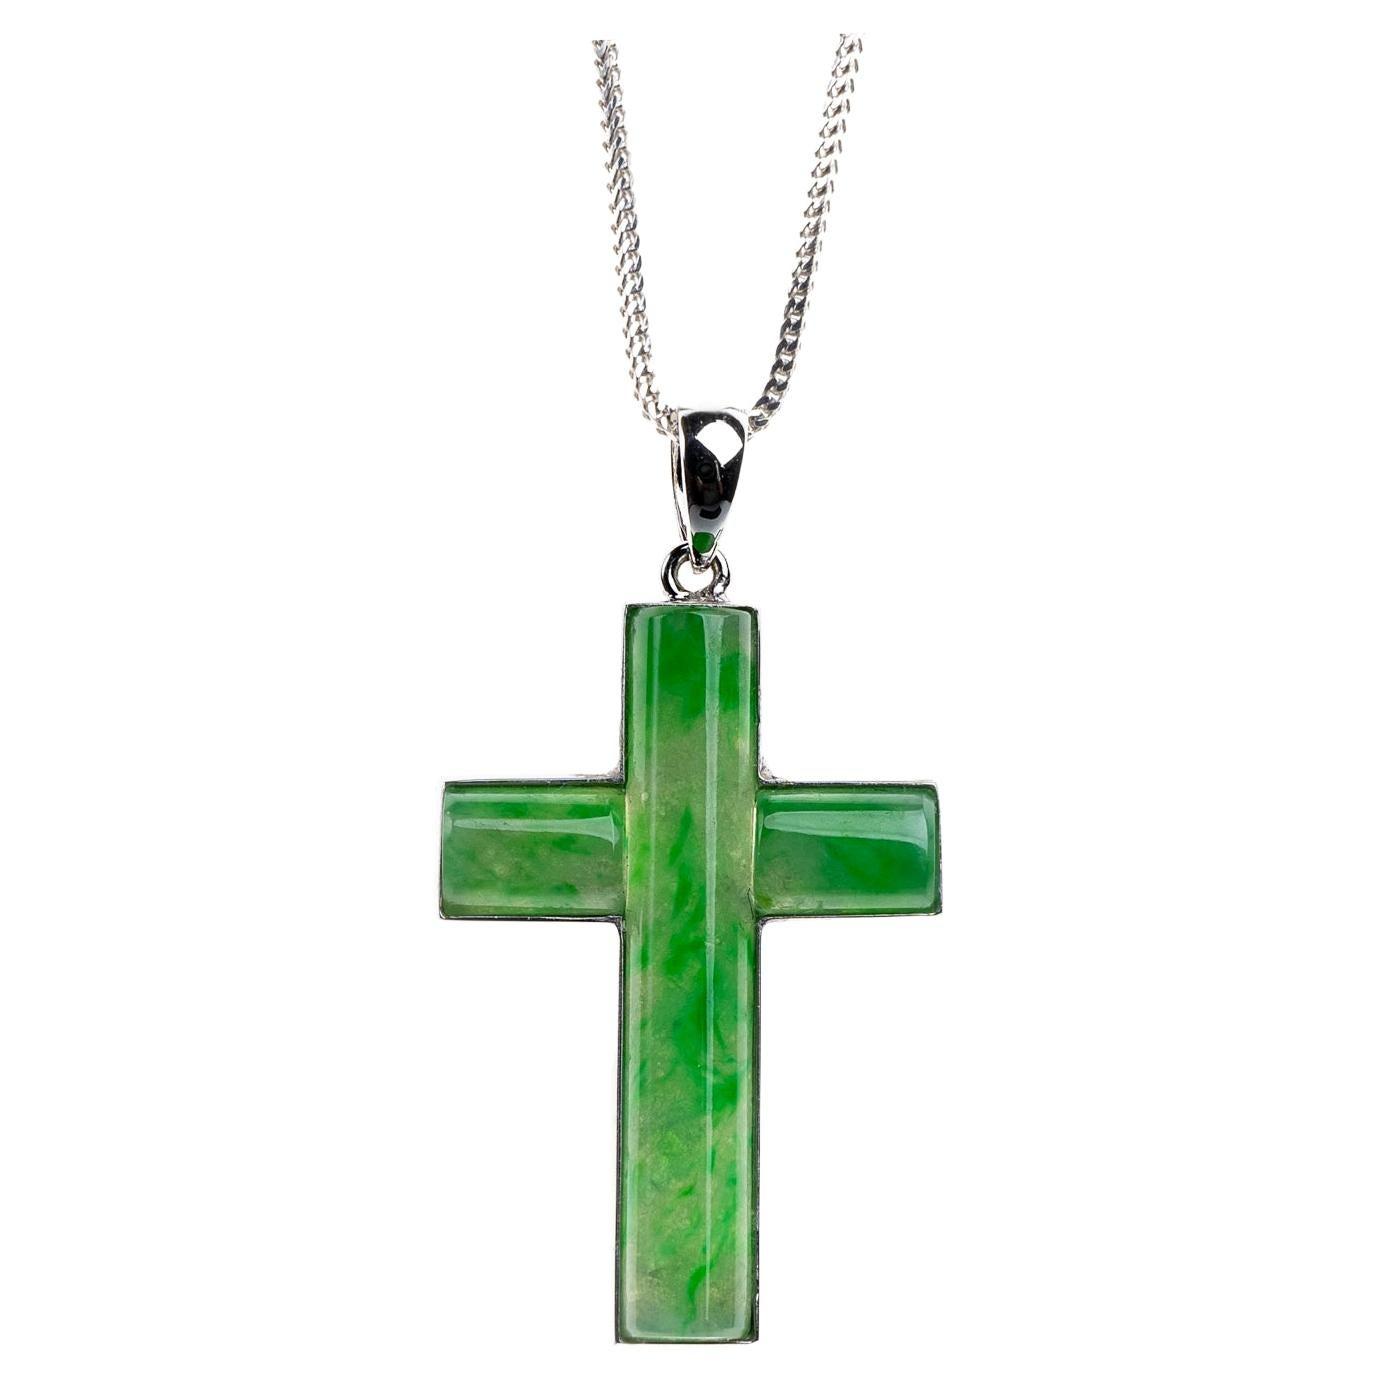 Green Jadeite Jade Cross Pendant, Certified Untreated